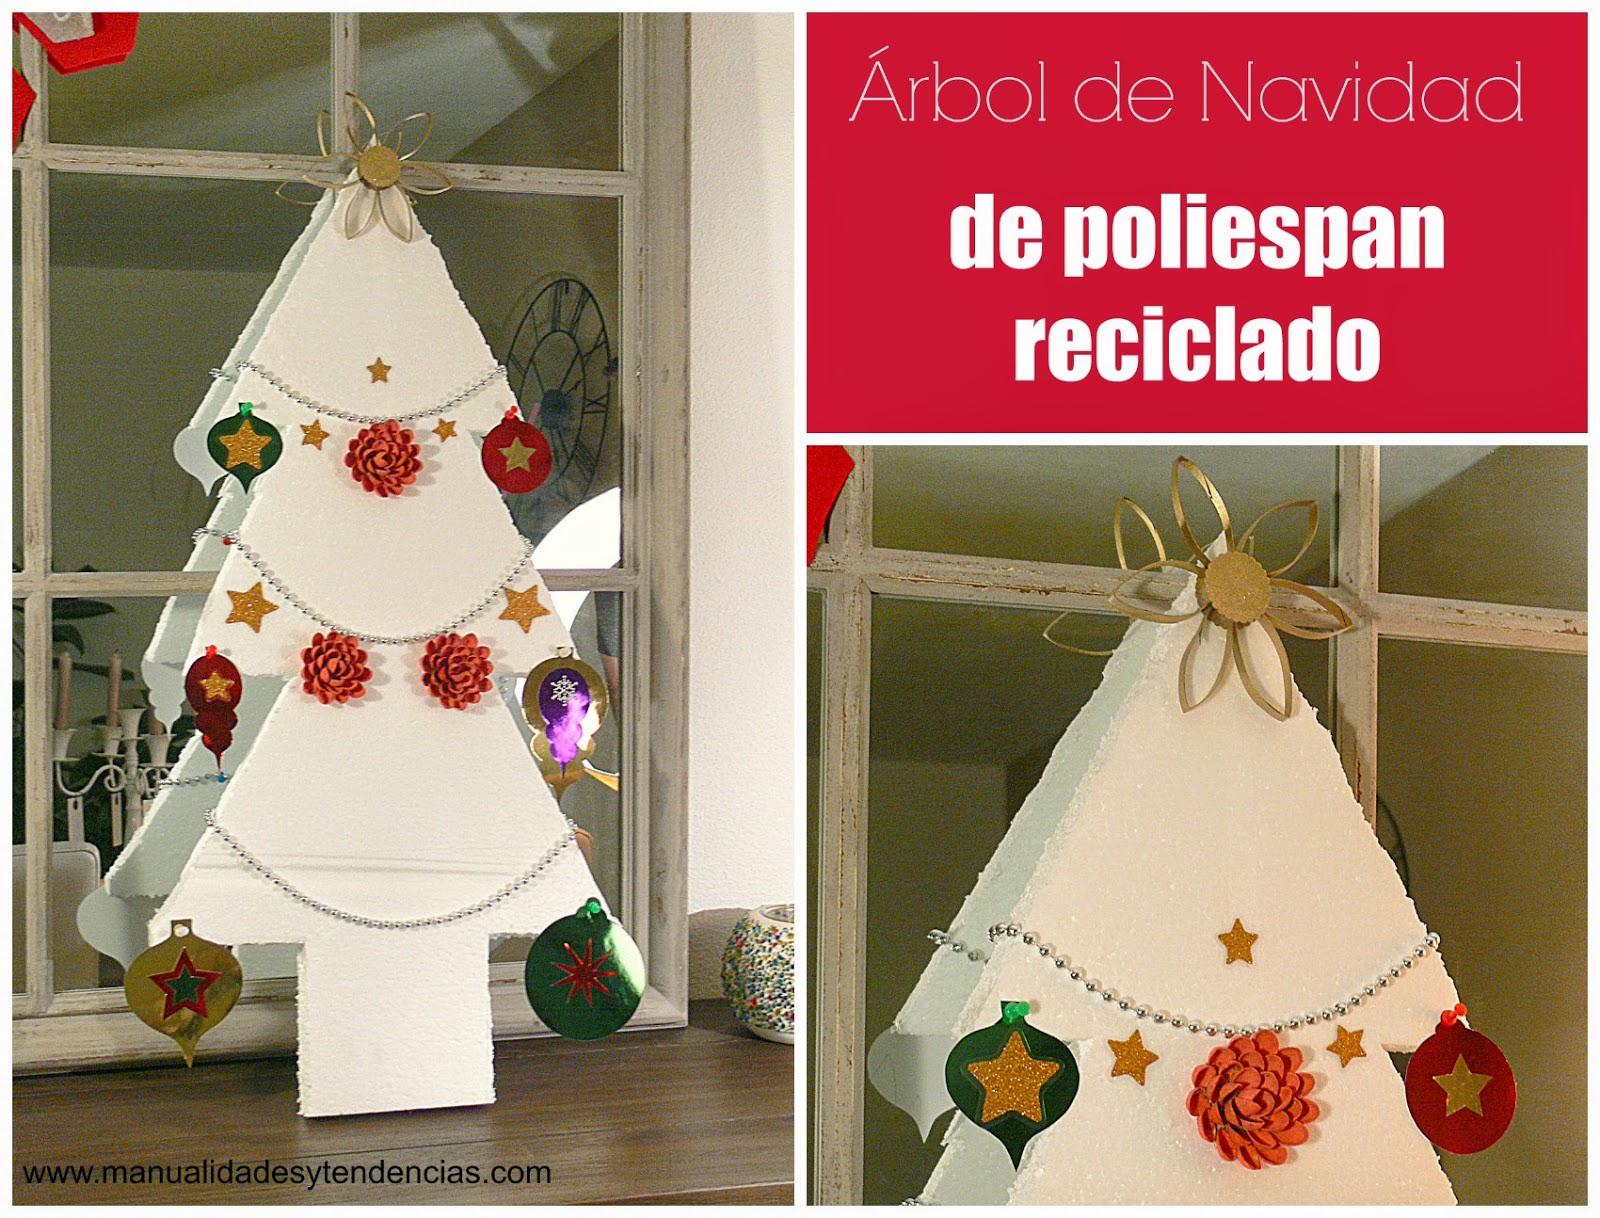 Manualidades y tendencias rbol de navidad reciclado - Arbol de navidad para ninos ...